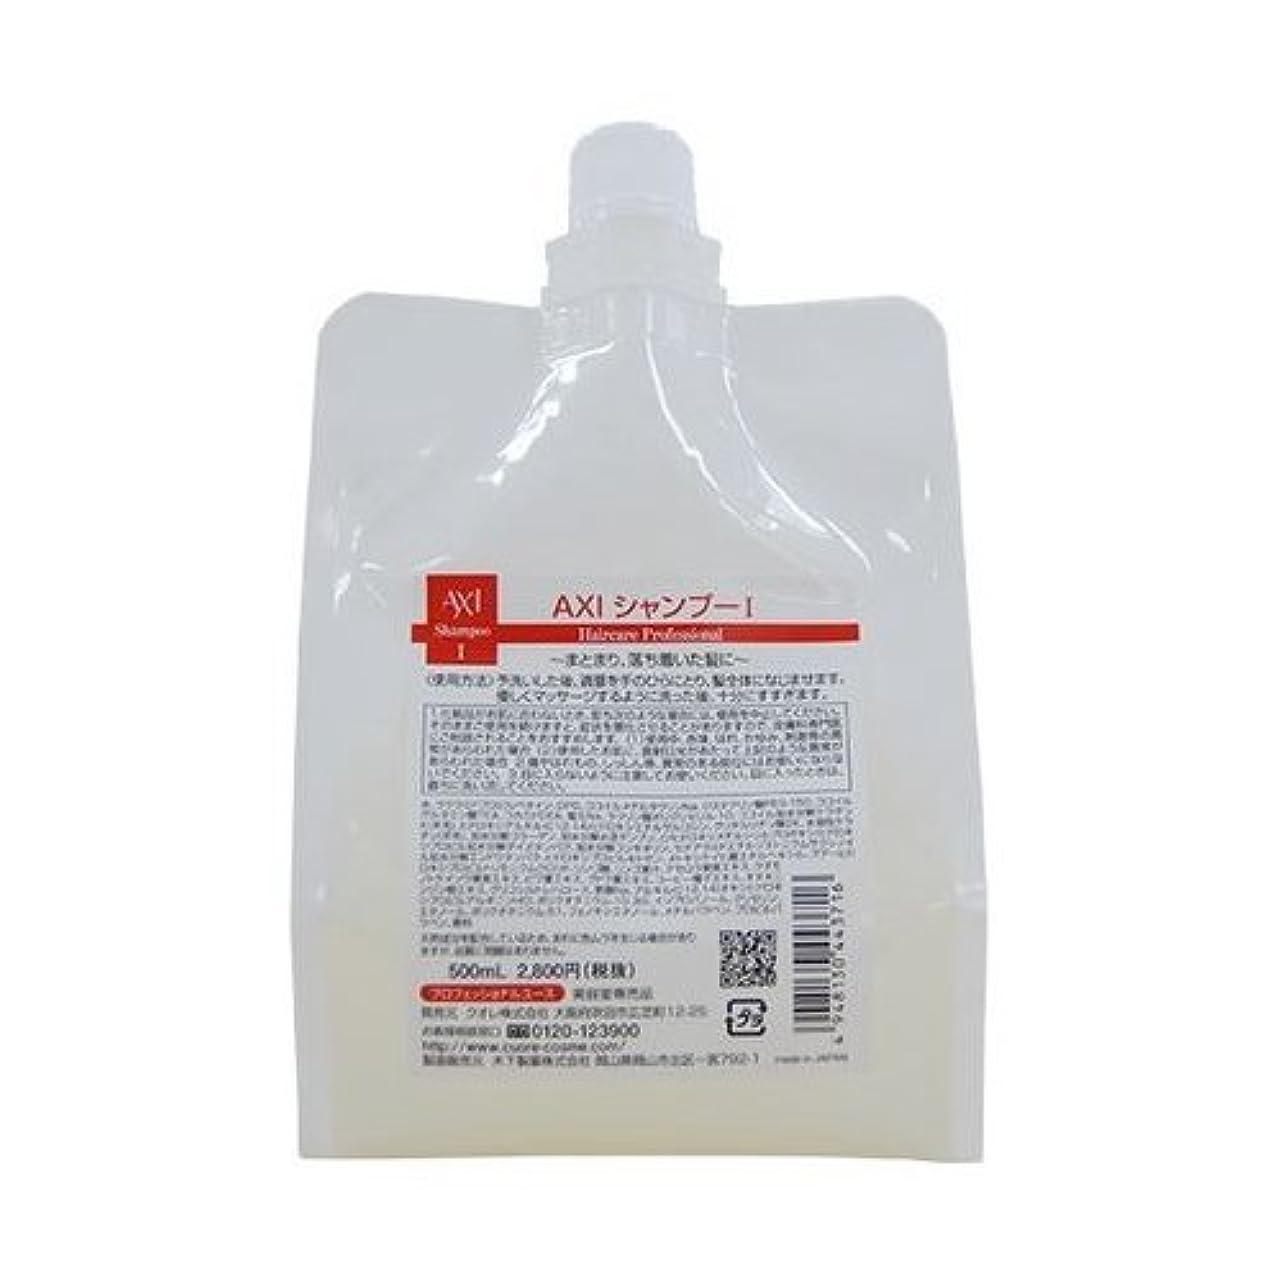 宿泊バンクアレルギー性新製品 クオレ AXI シャンプー Ⅰ 500ml 詰替え用